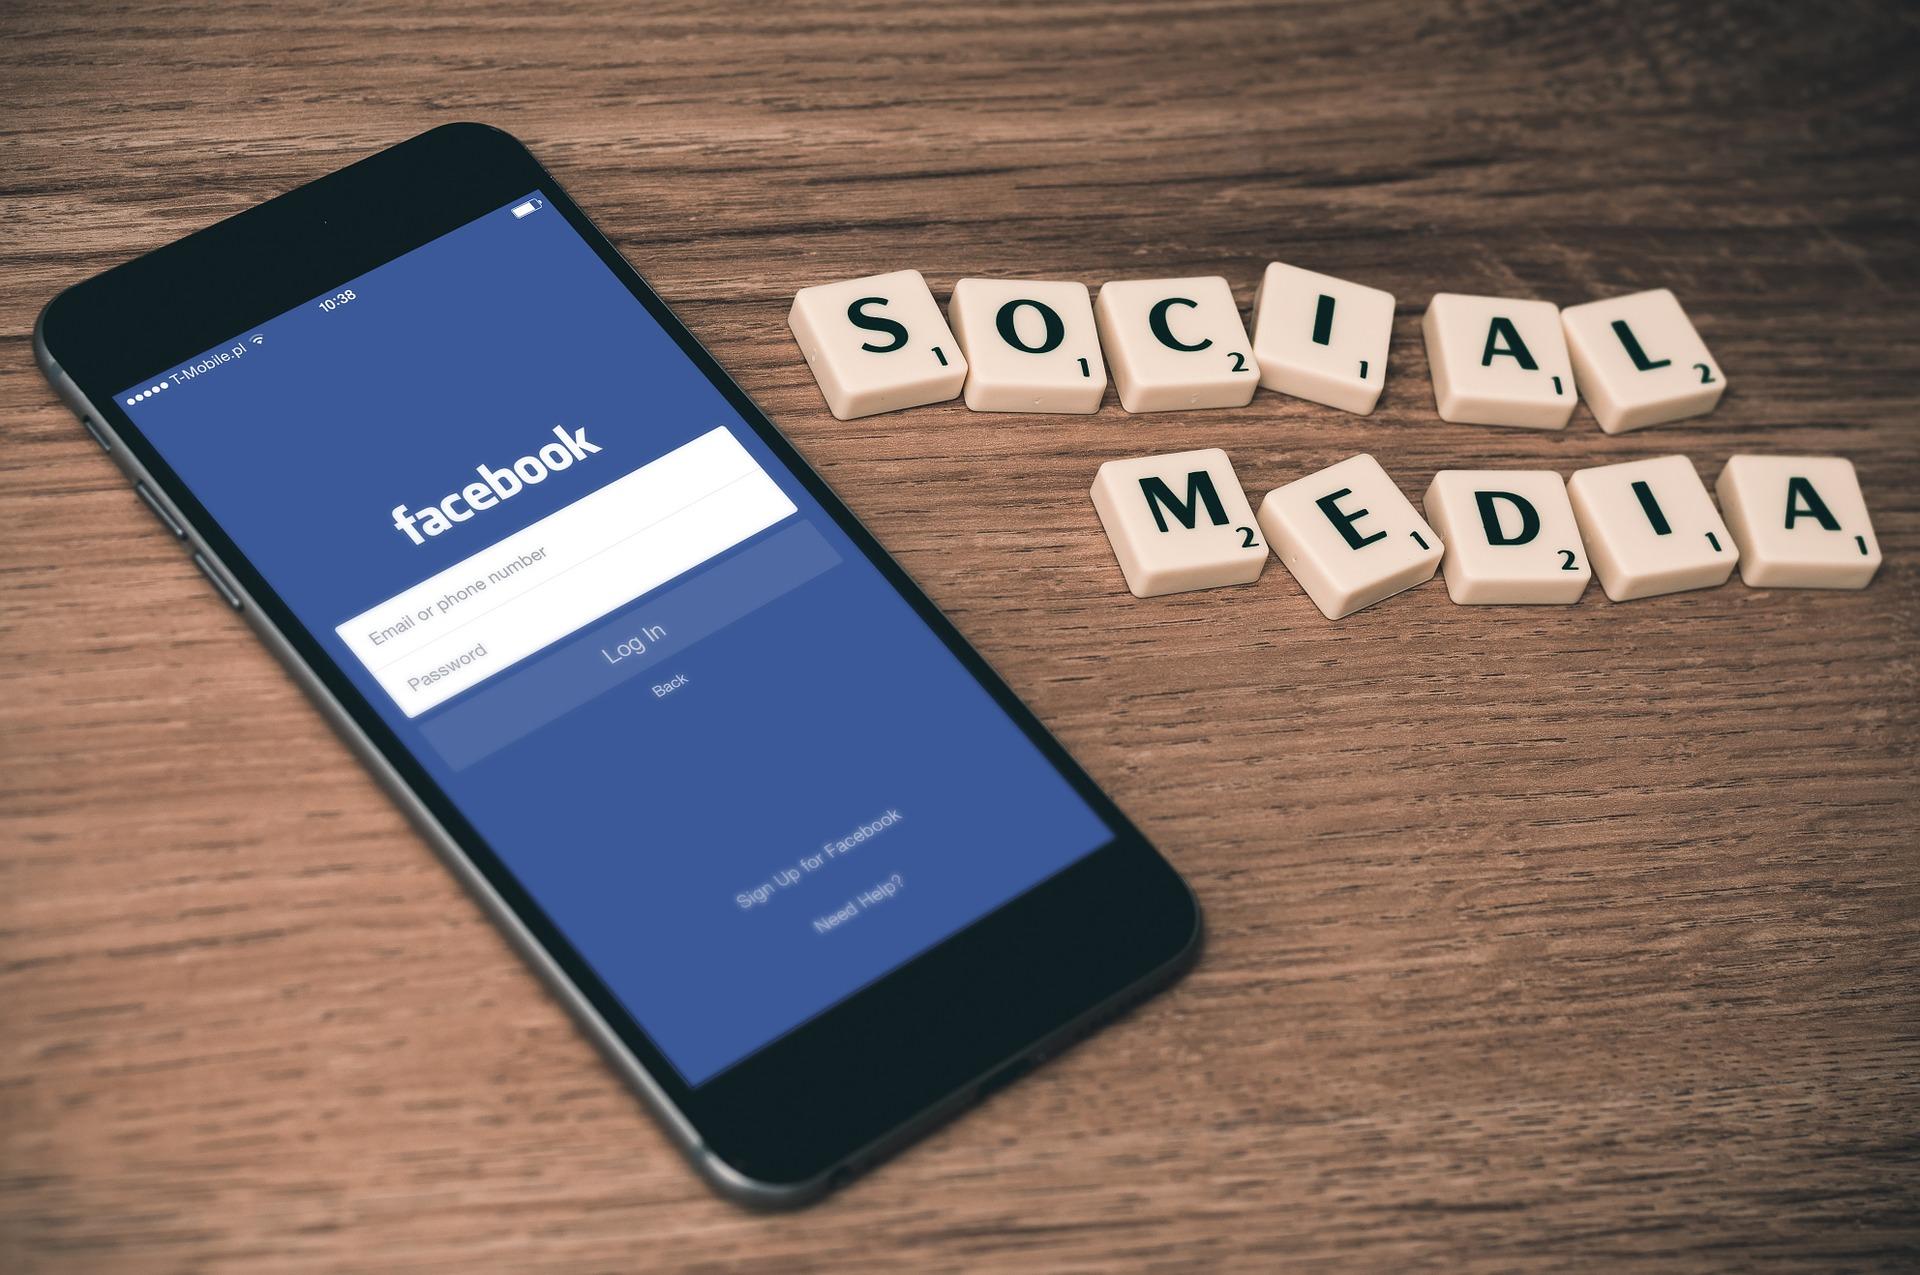 Formatos de anuncio más utilizados en Facebook